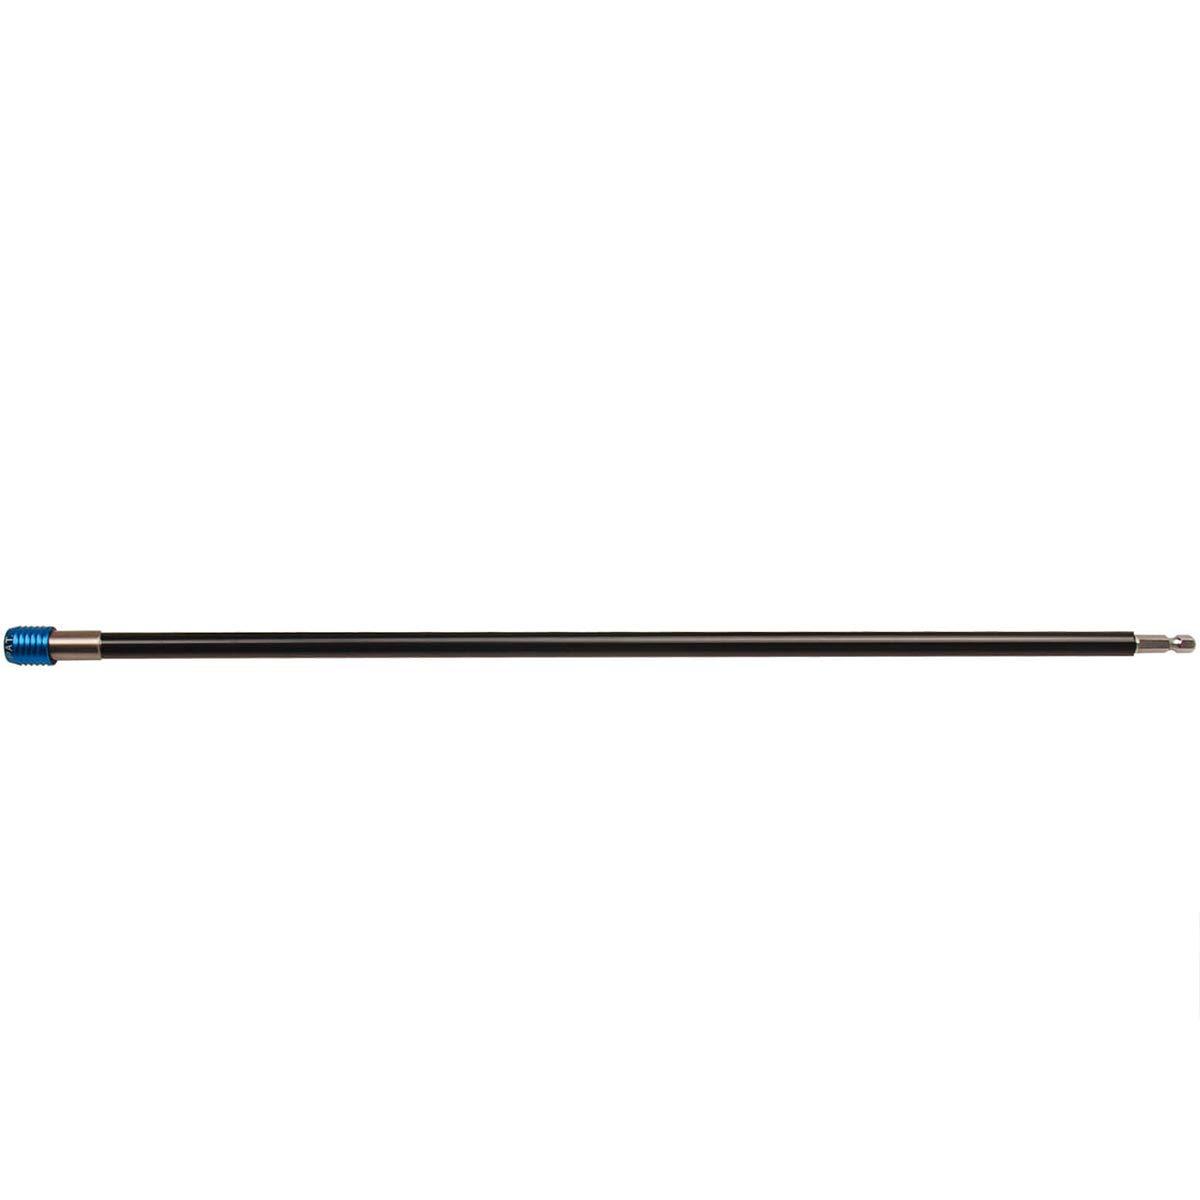 BGS Technic 1736 - Portapuntas automá tico, hexá gono interior 6,3 mm (1/4'), 300 mm hexágono interior 6 3 mm (1/4)